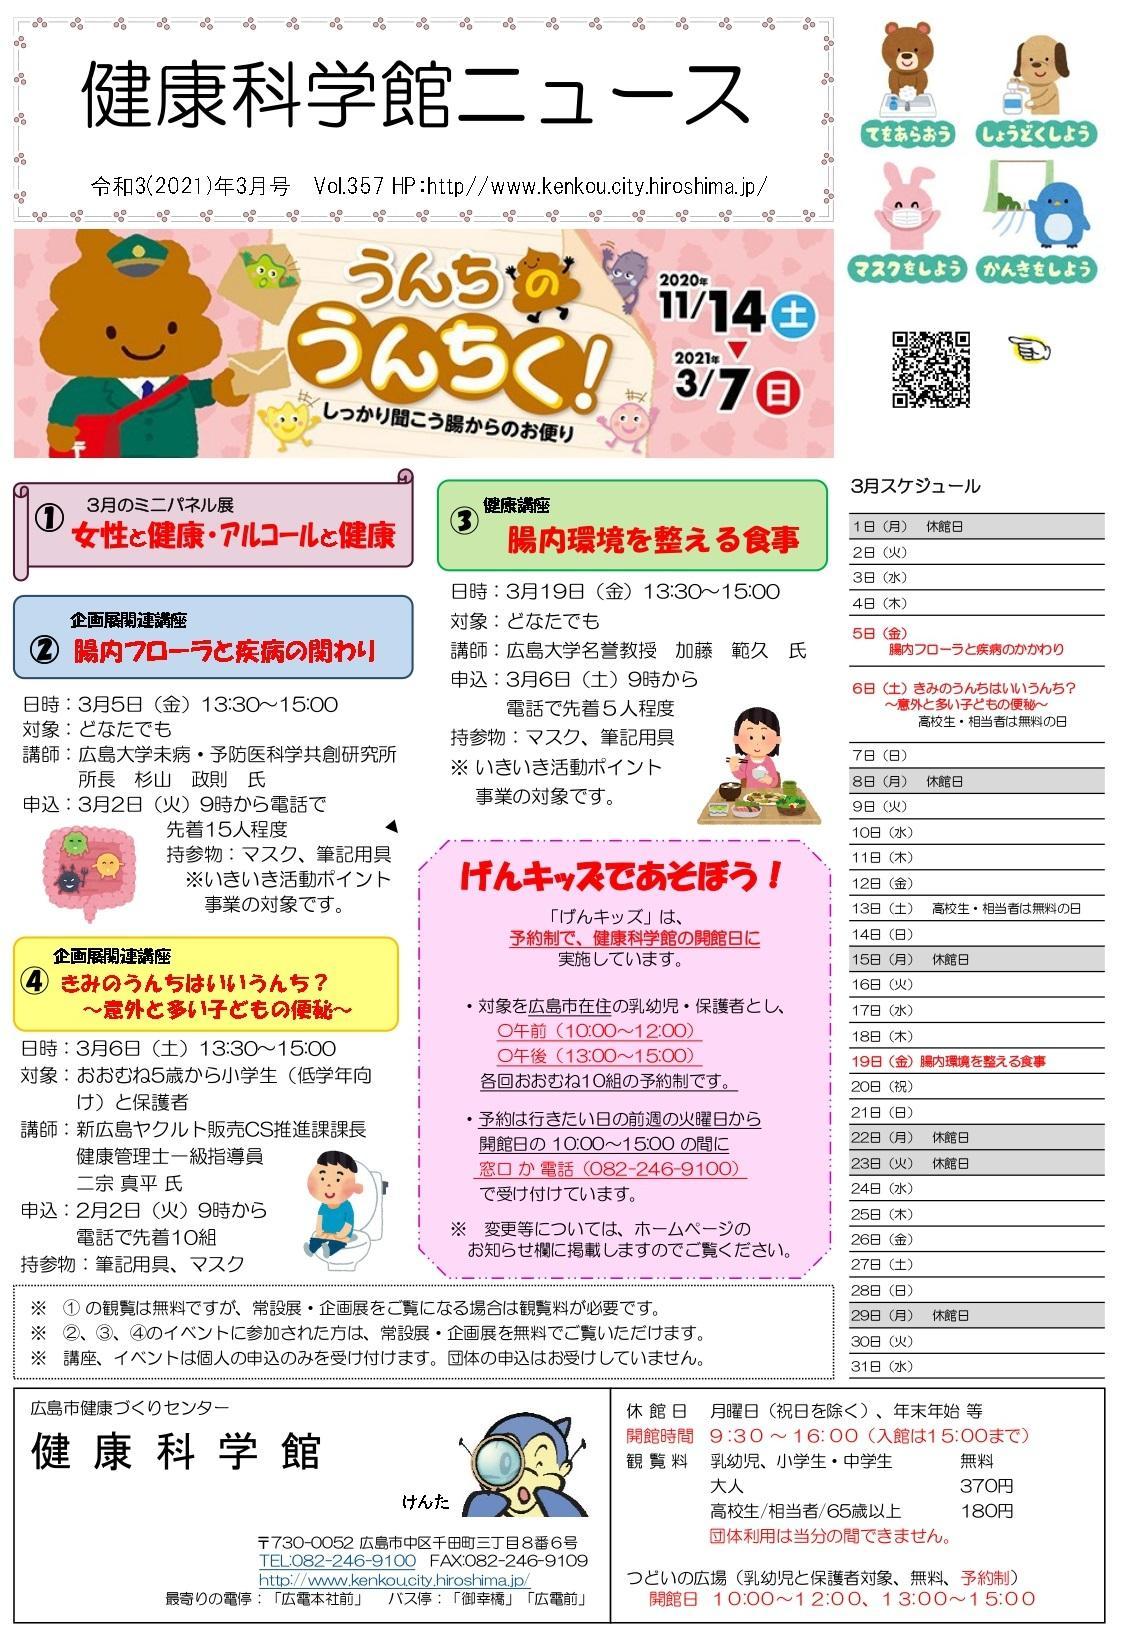 3月表ポスターバージョン_page-0001.jpg